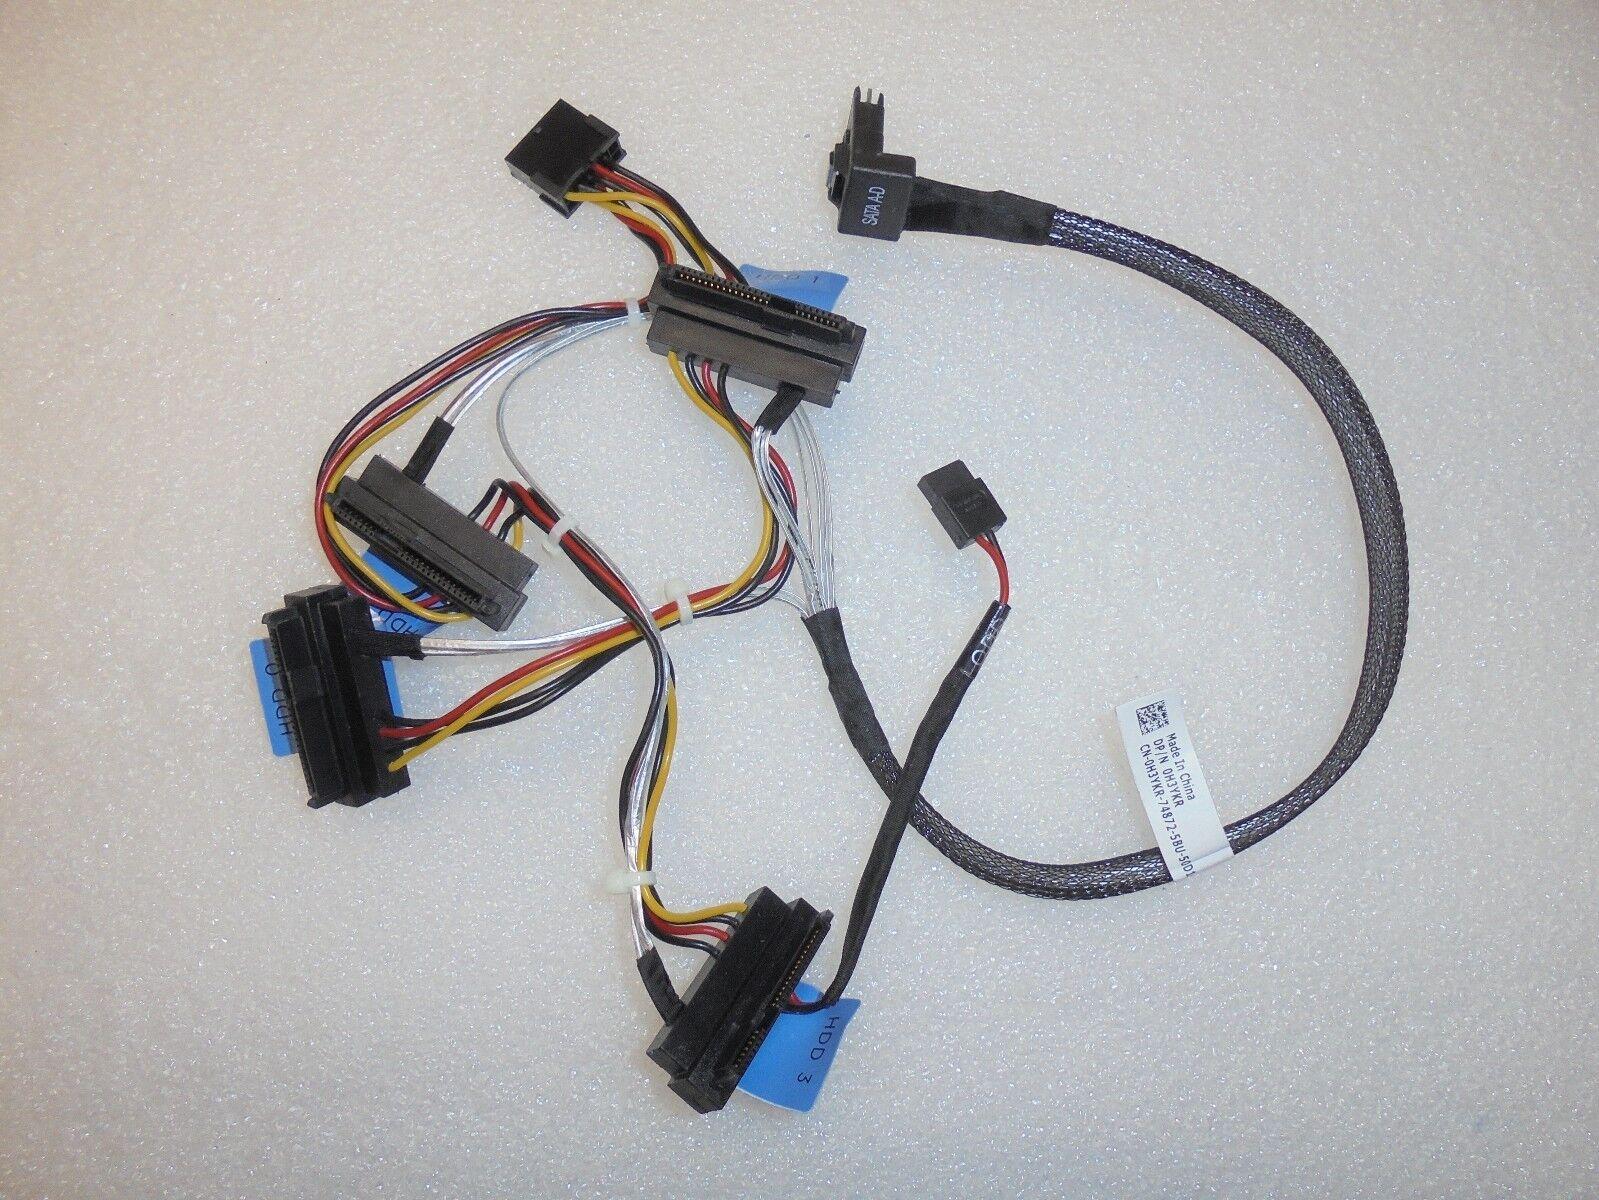 DELL MINI SAS SFF-8087 TO X4 SAS SATA CABLE FOR DELL POWEREDGE R320 R420 XP00F